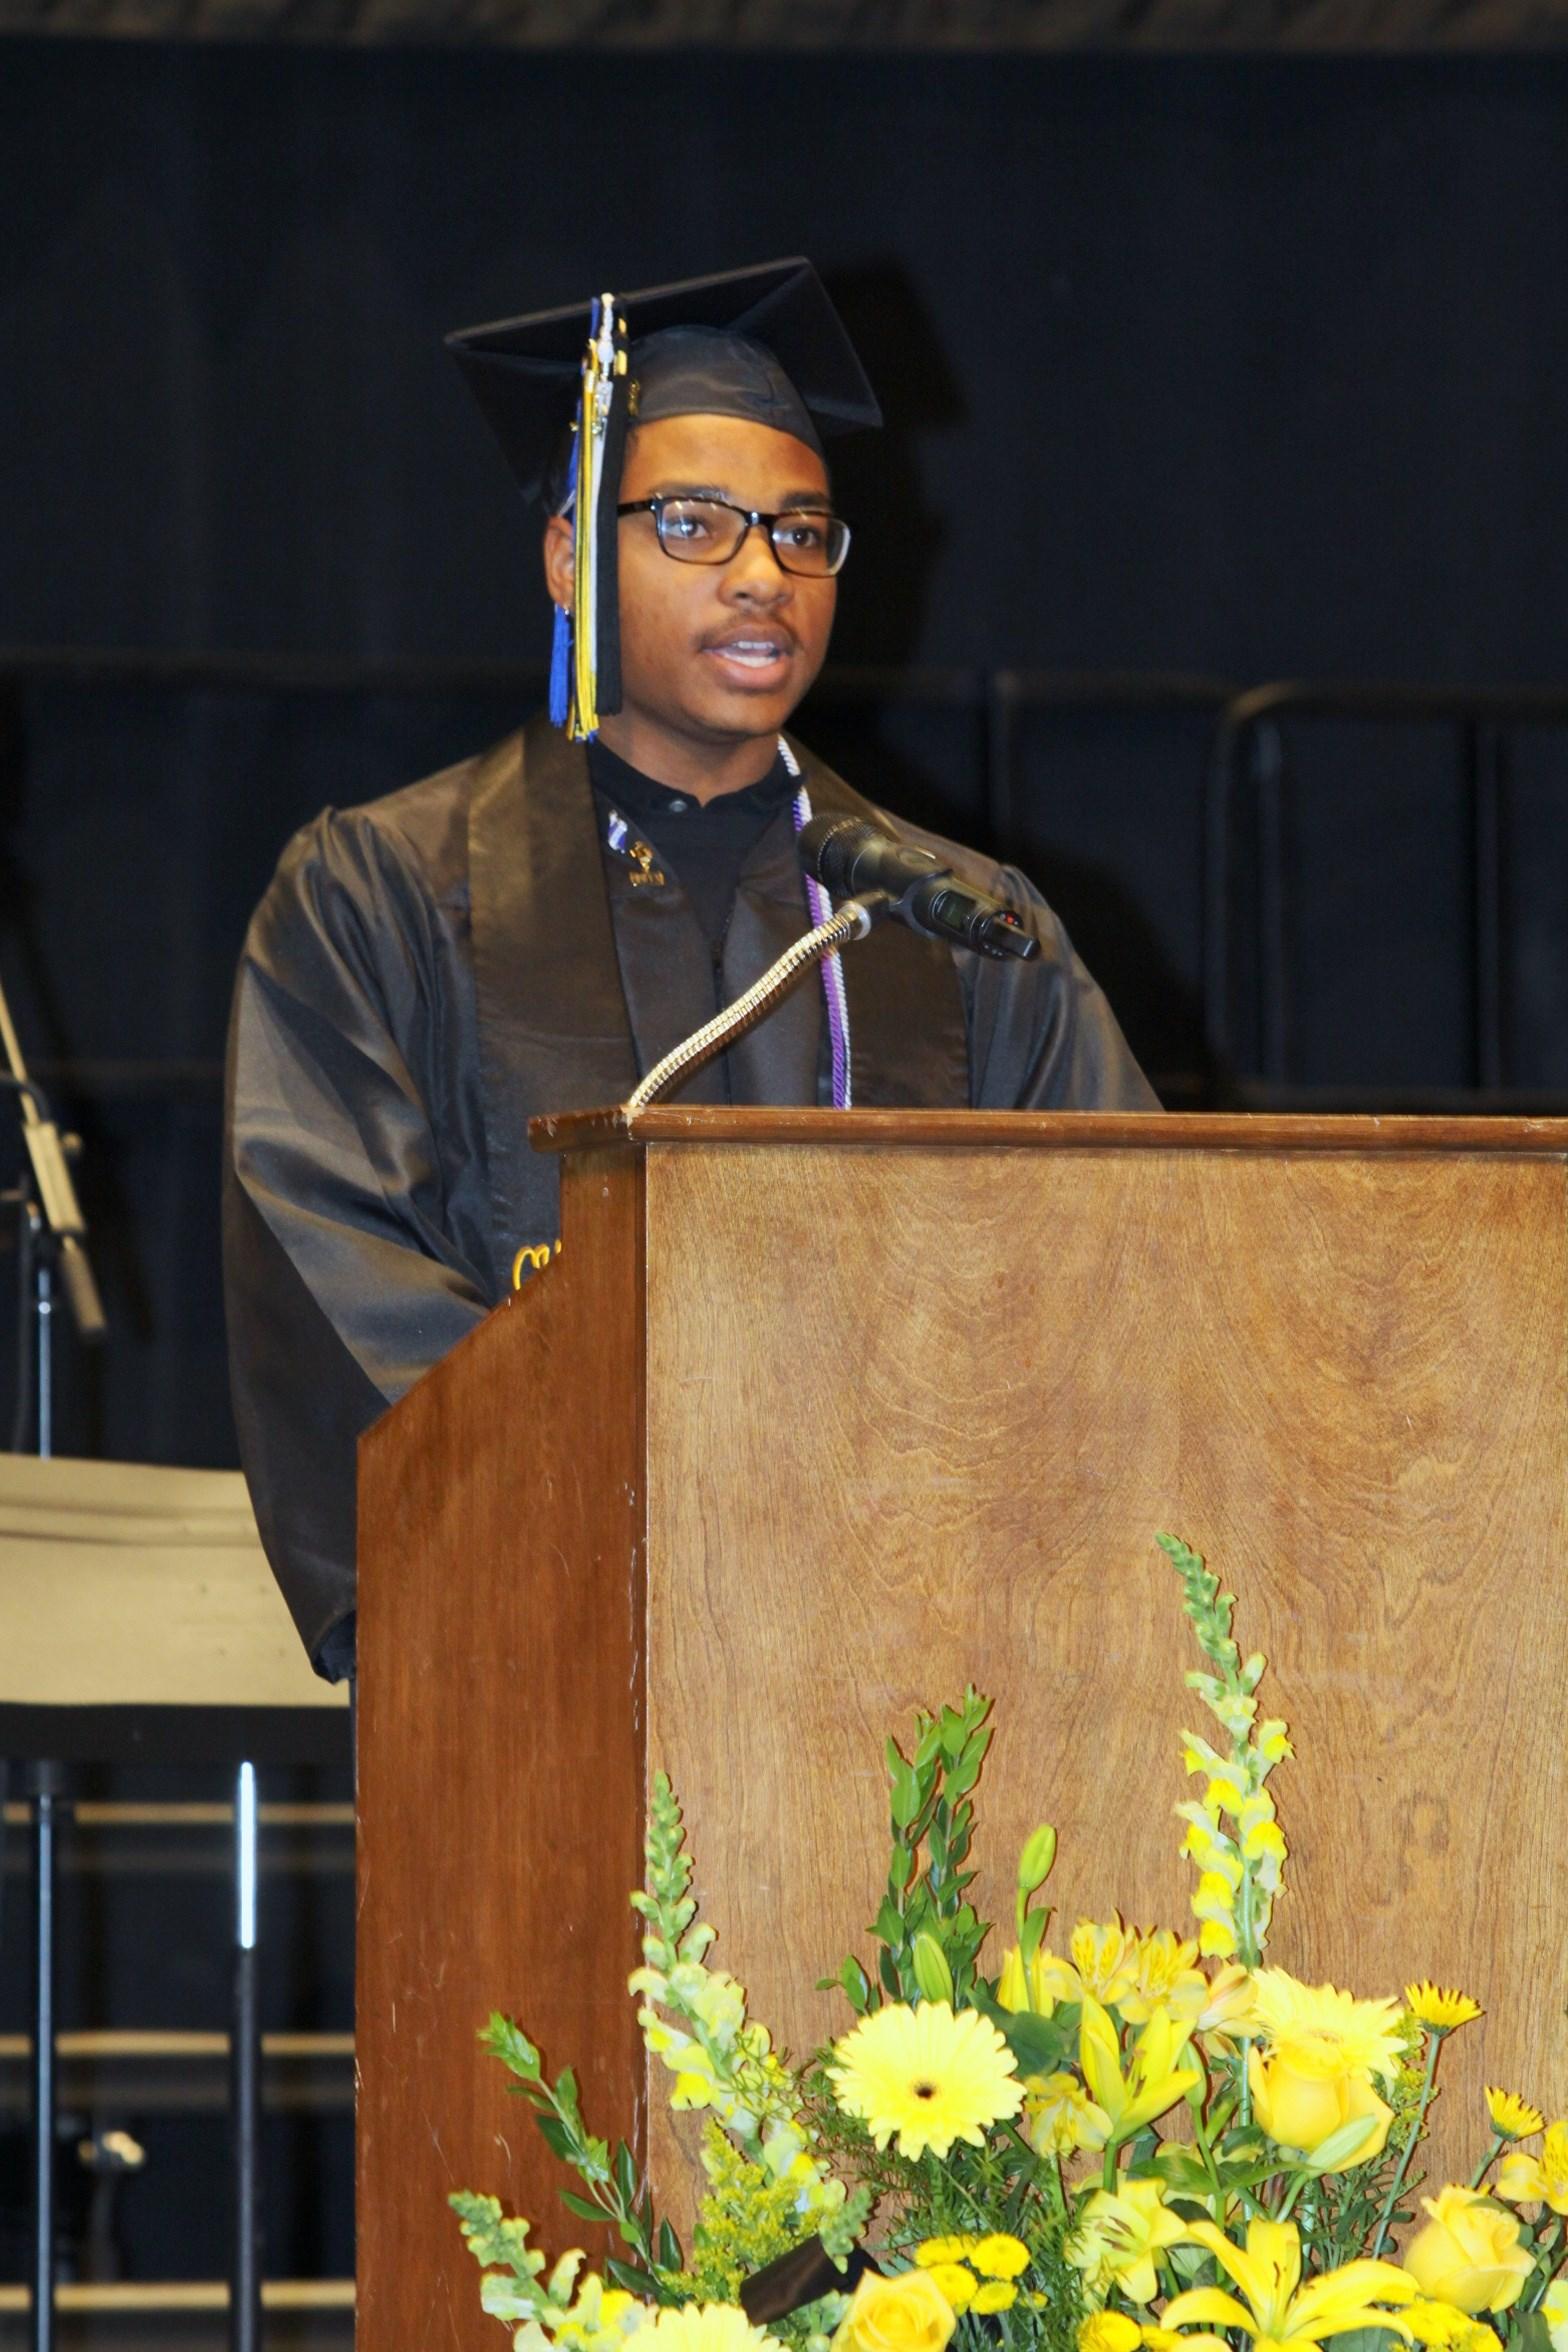 Peyton Meeks, student speaker